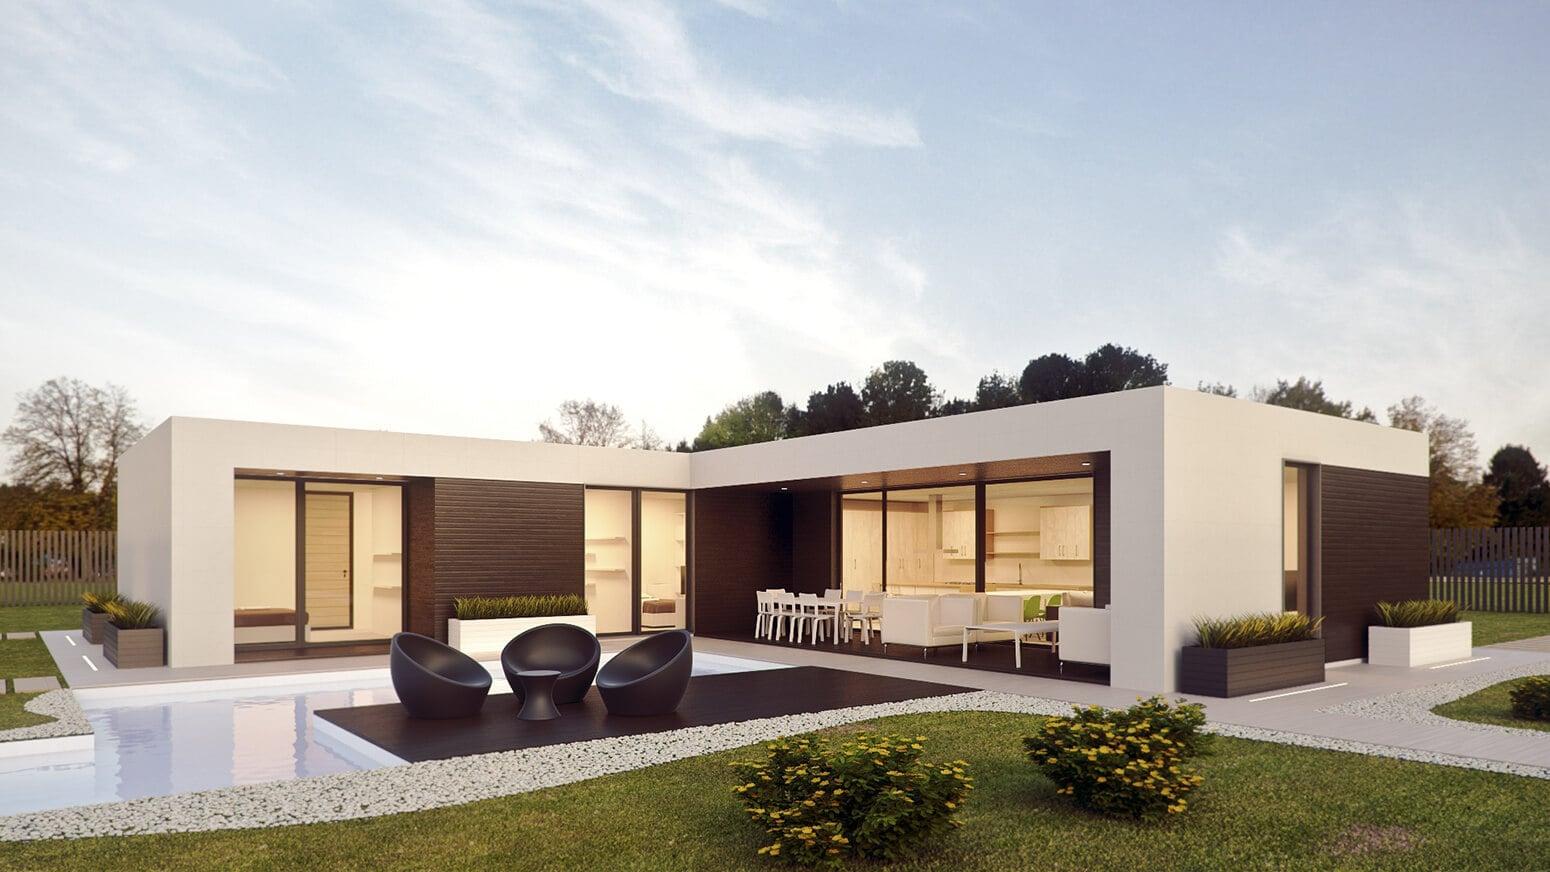 Casa Di Legno Costi case in legno: dove e come è possibile costruirne una.